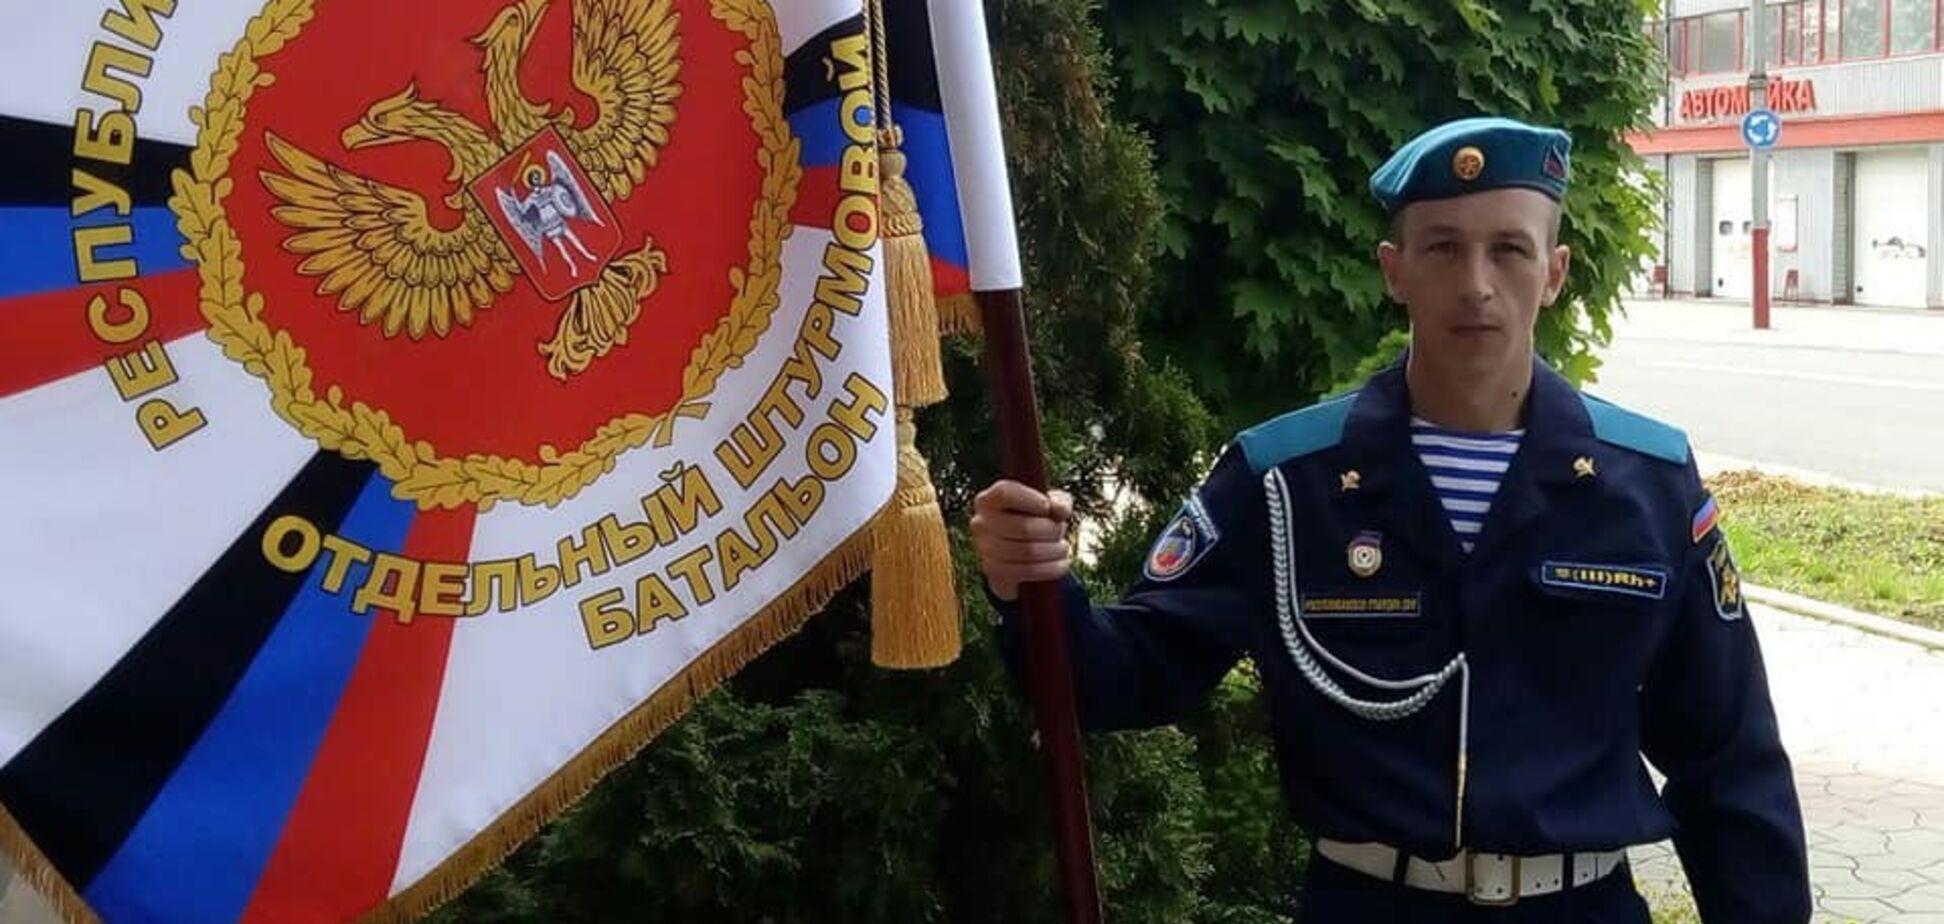 'Остались только следы на асфальте!' ВСУ расправились с российским оккупантом